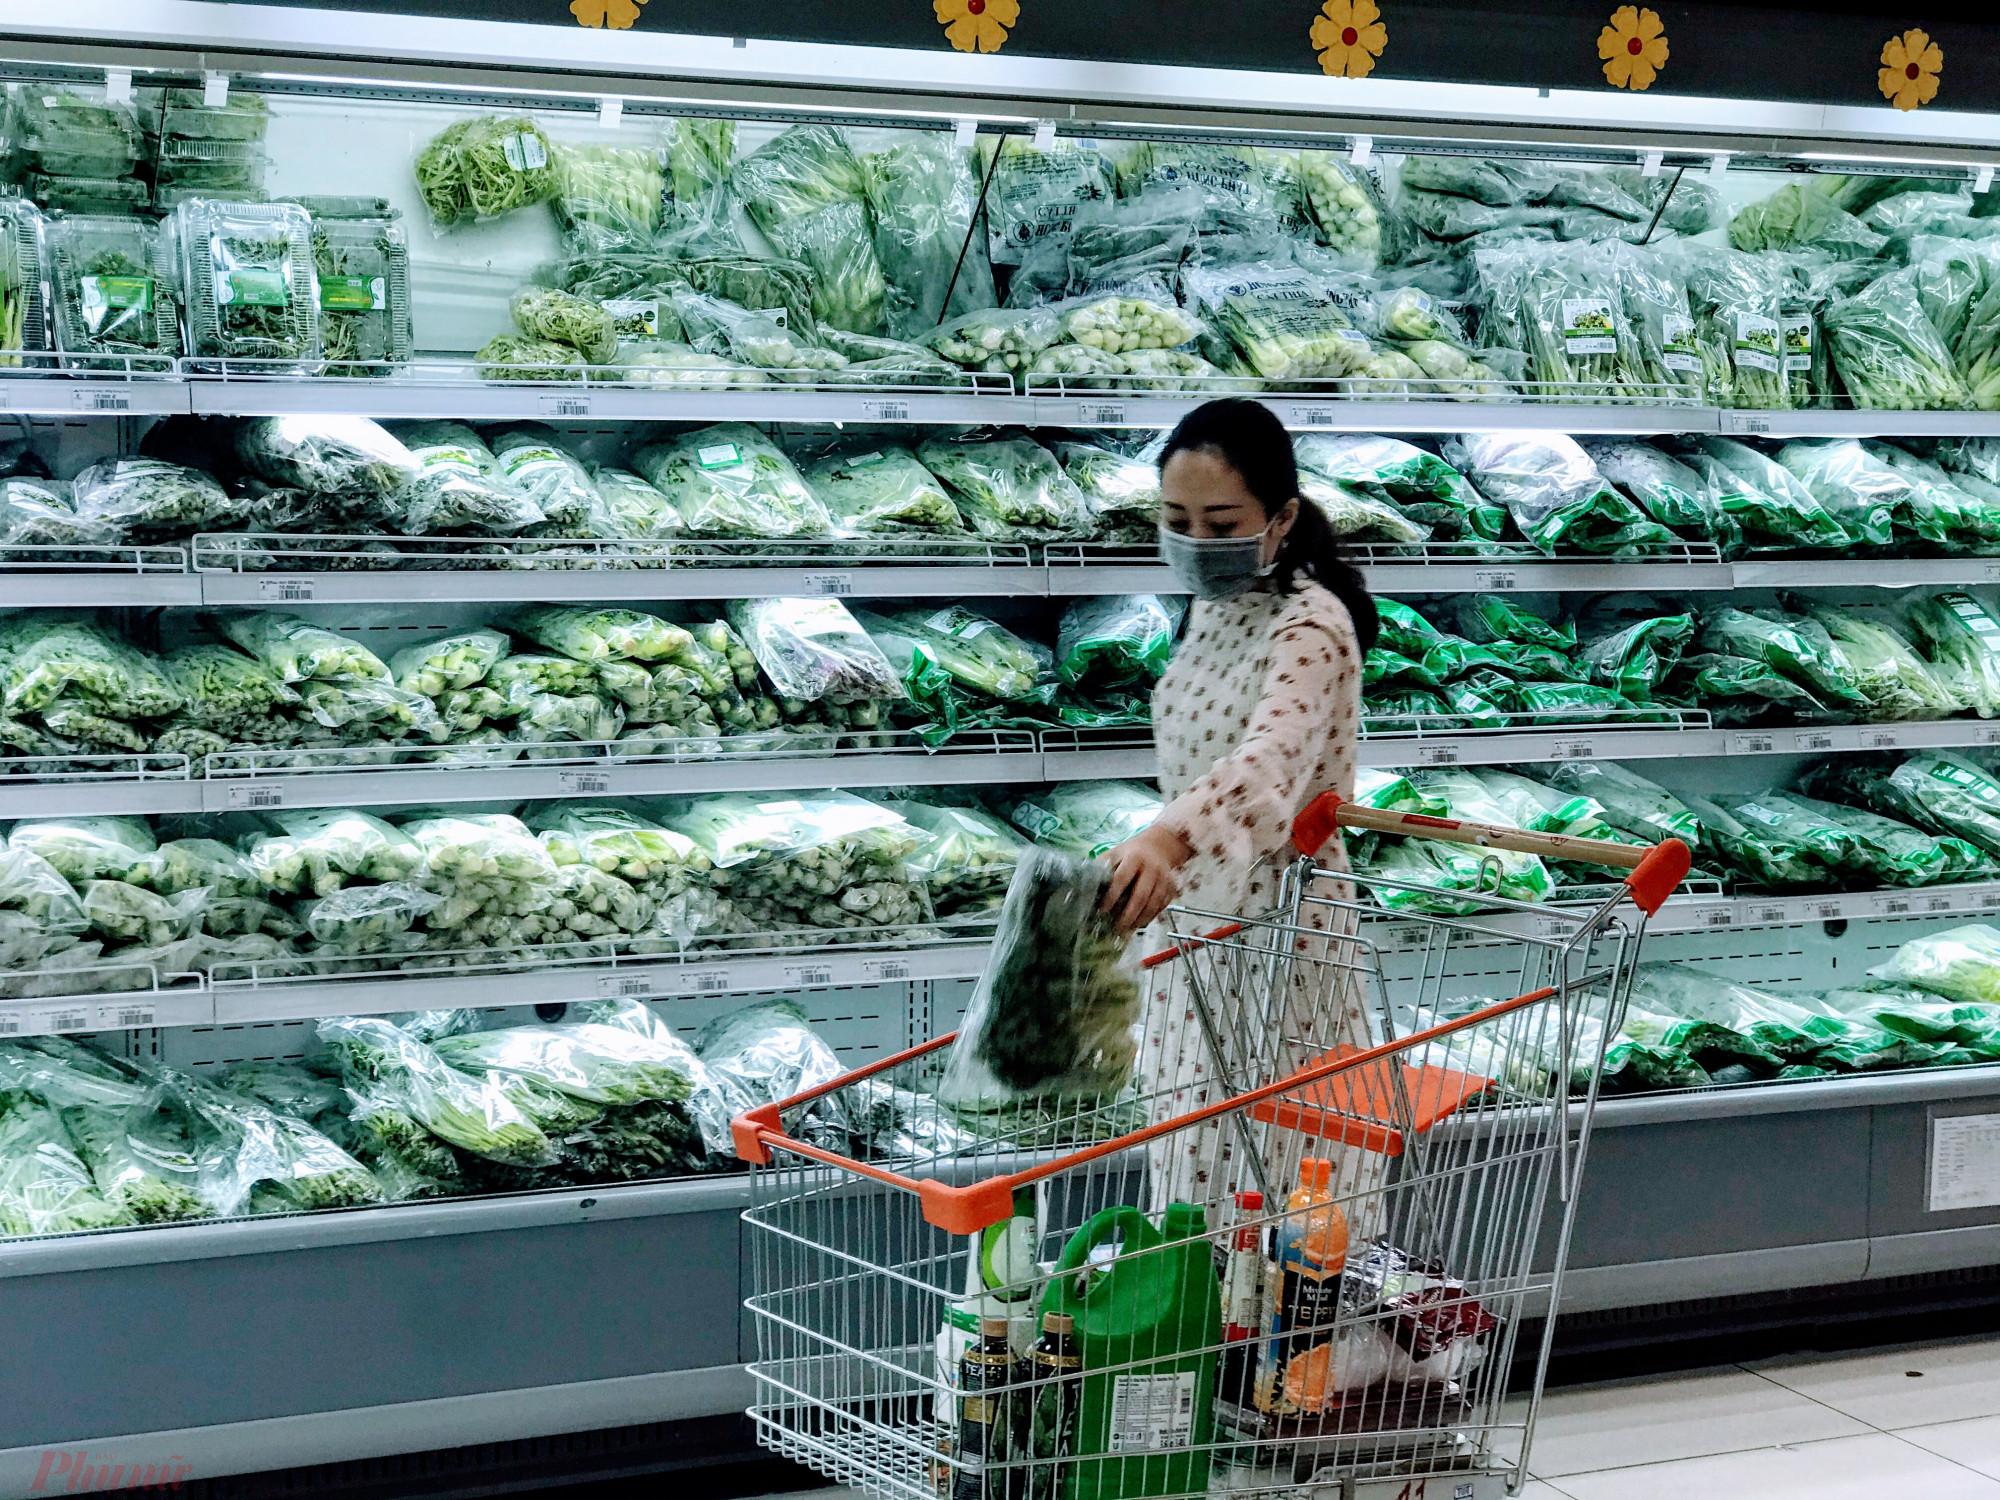 TPHCM khuyến khích mua hàng, giao hàng trực tuyến hạn chế mua trực tiếp. Ảnh: Quốc Thái